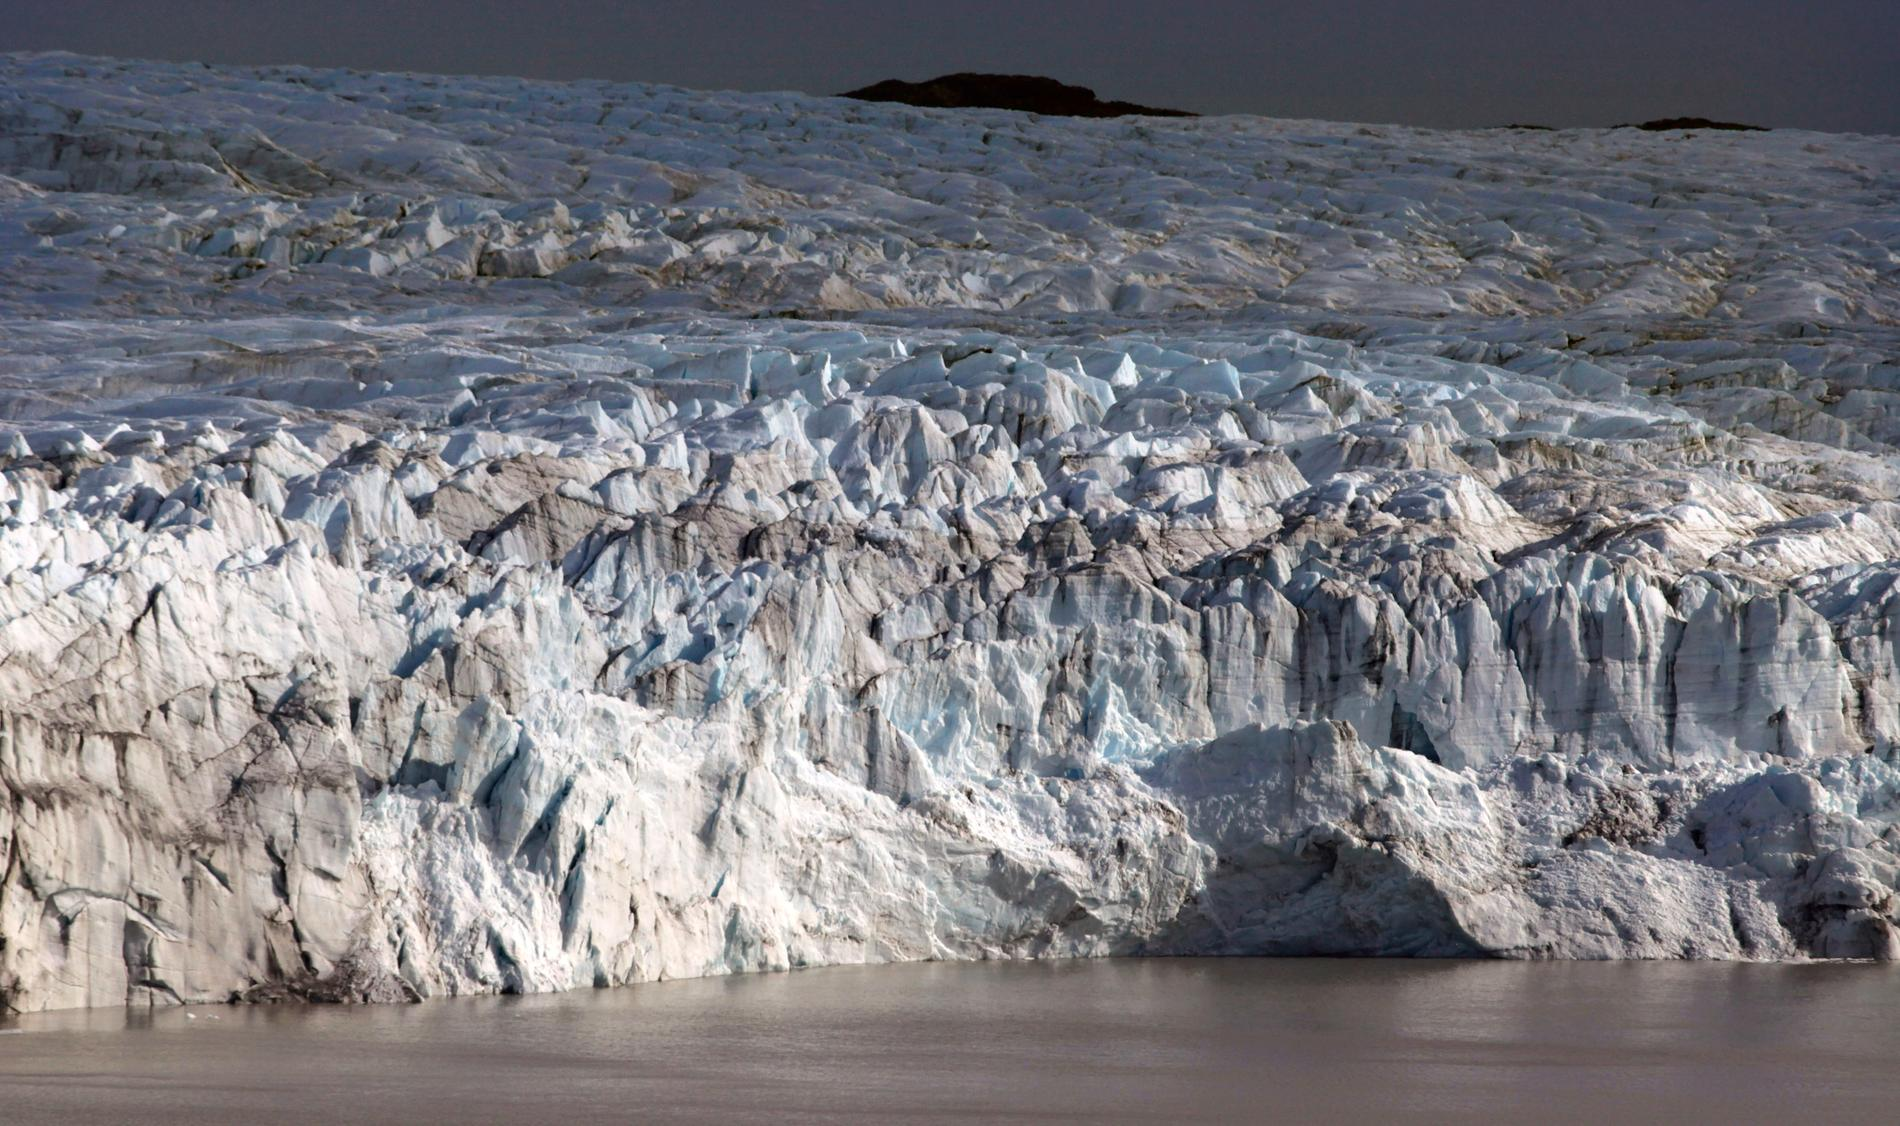 Det regnar allt oftare på Grönland på vintern, vilket påskyndar avsmältningen av isen som täcker stora delar av ön. Arkivbild.